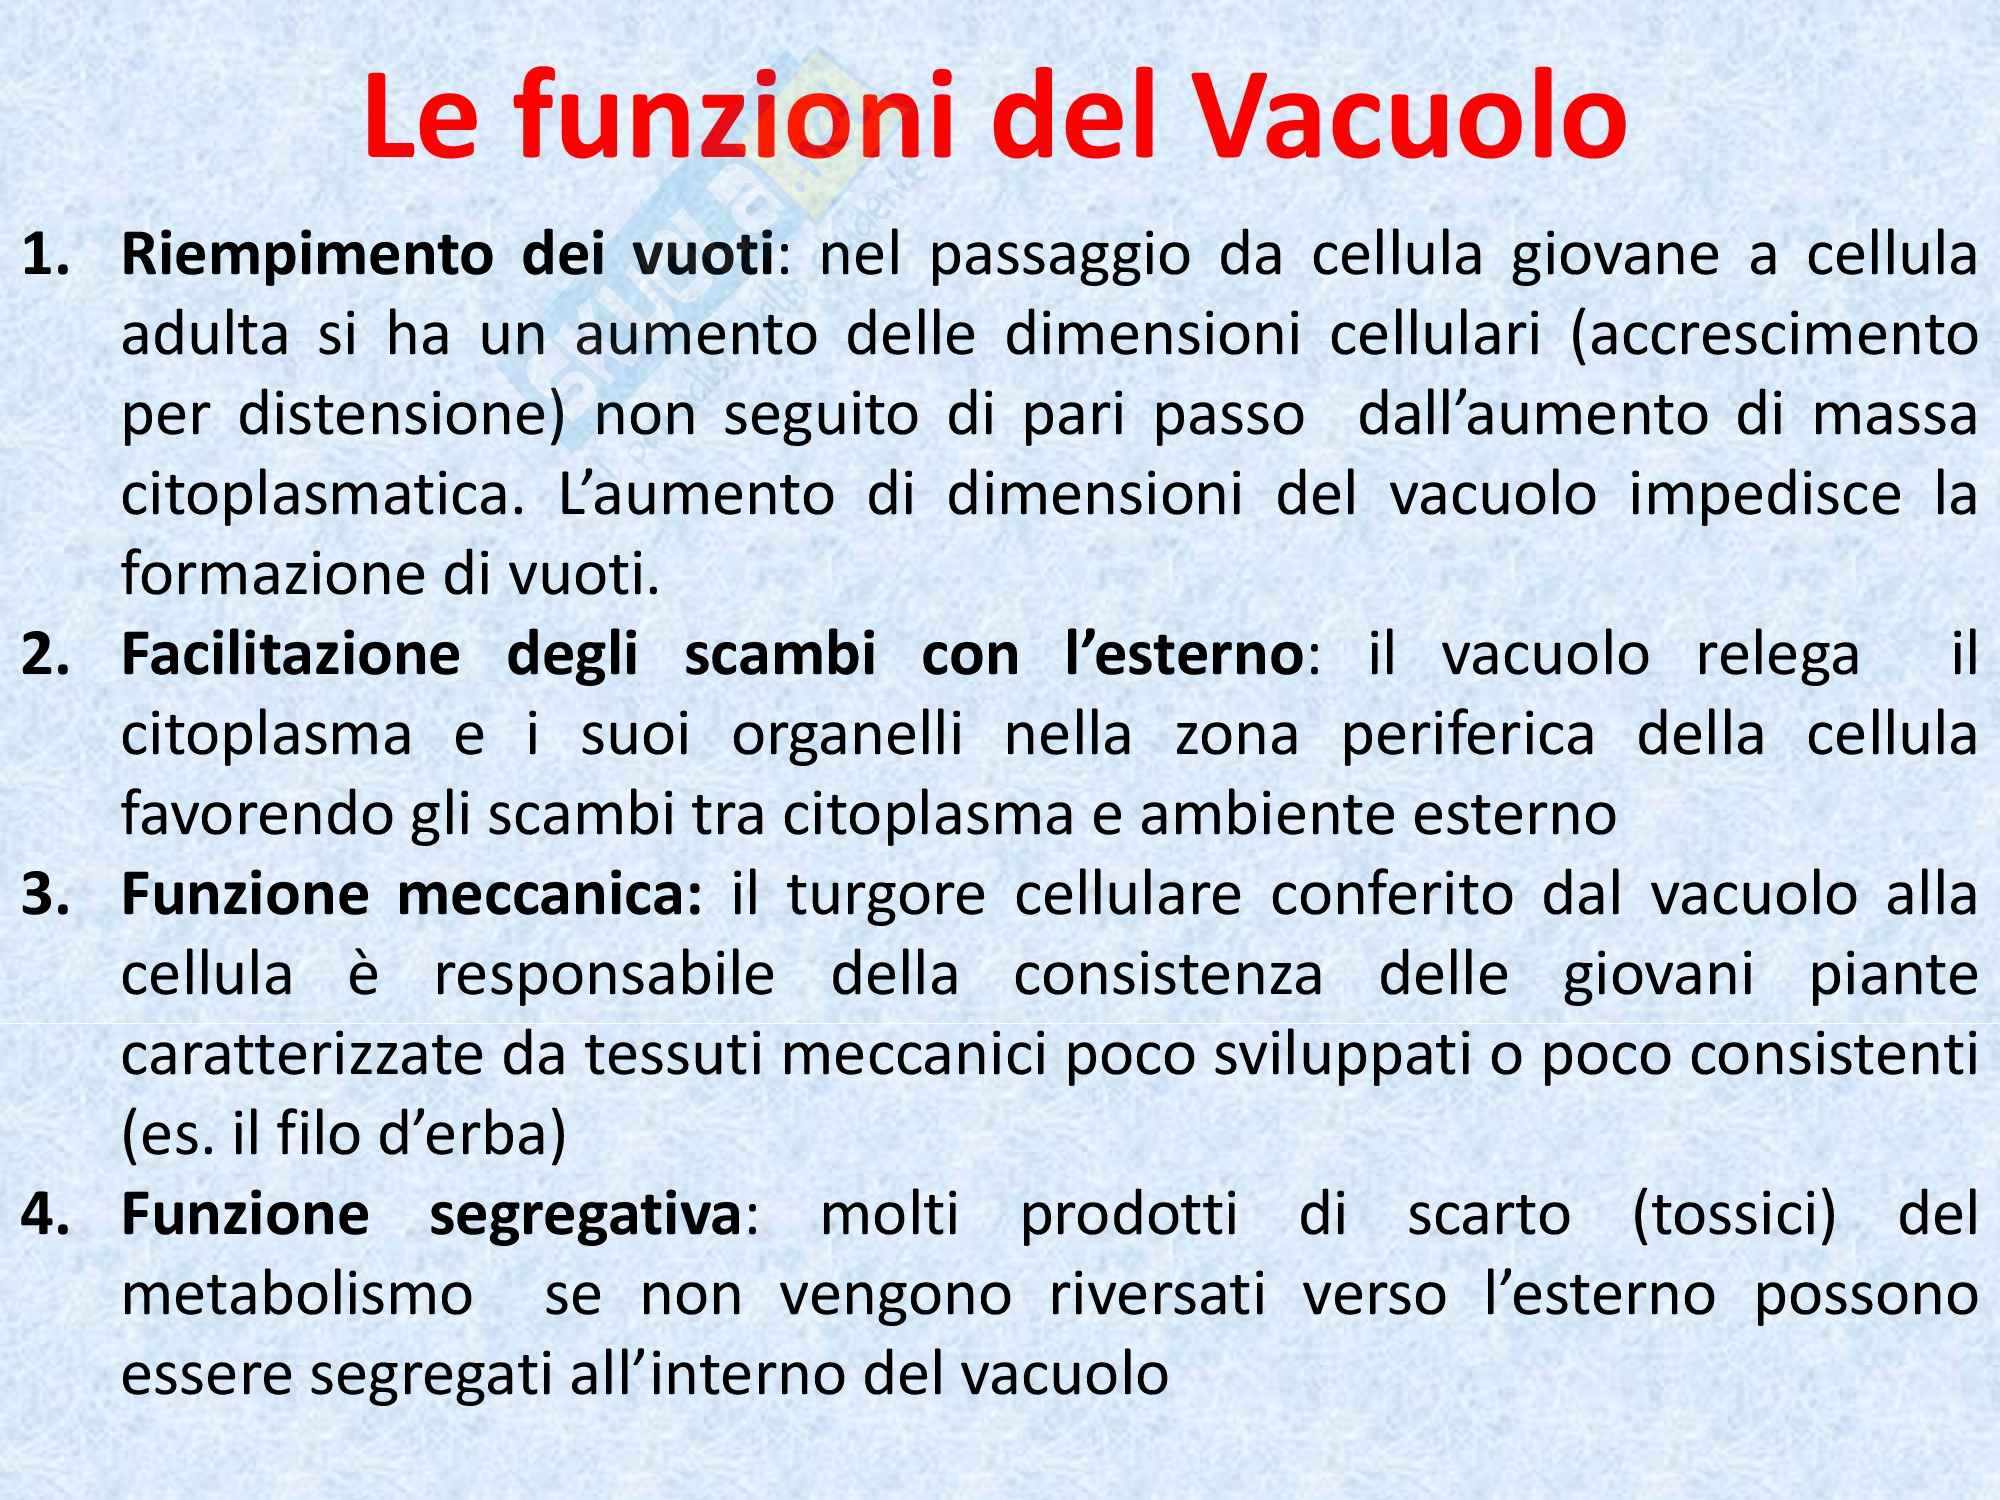 Biologia vegetale - il vacuolo Pag. 6